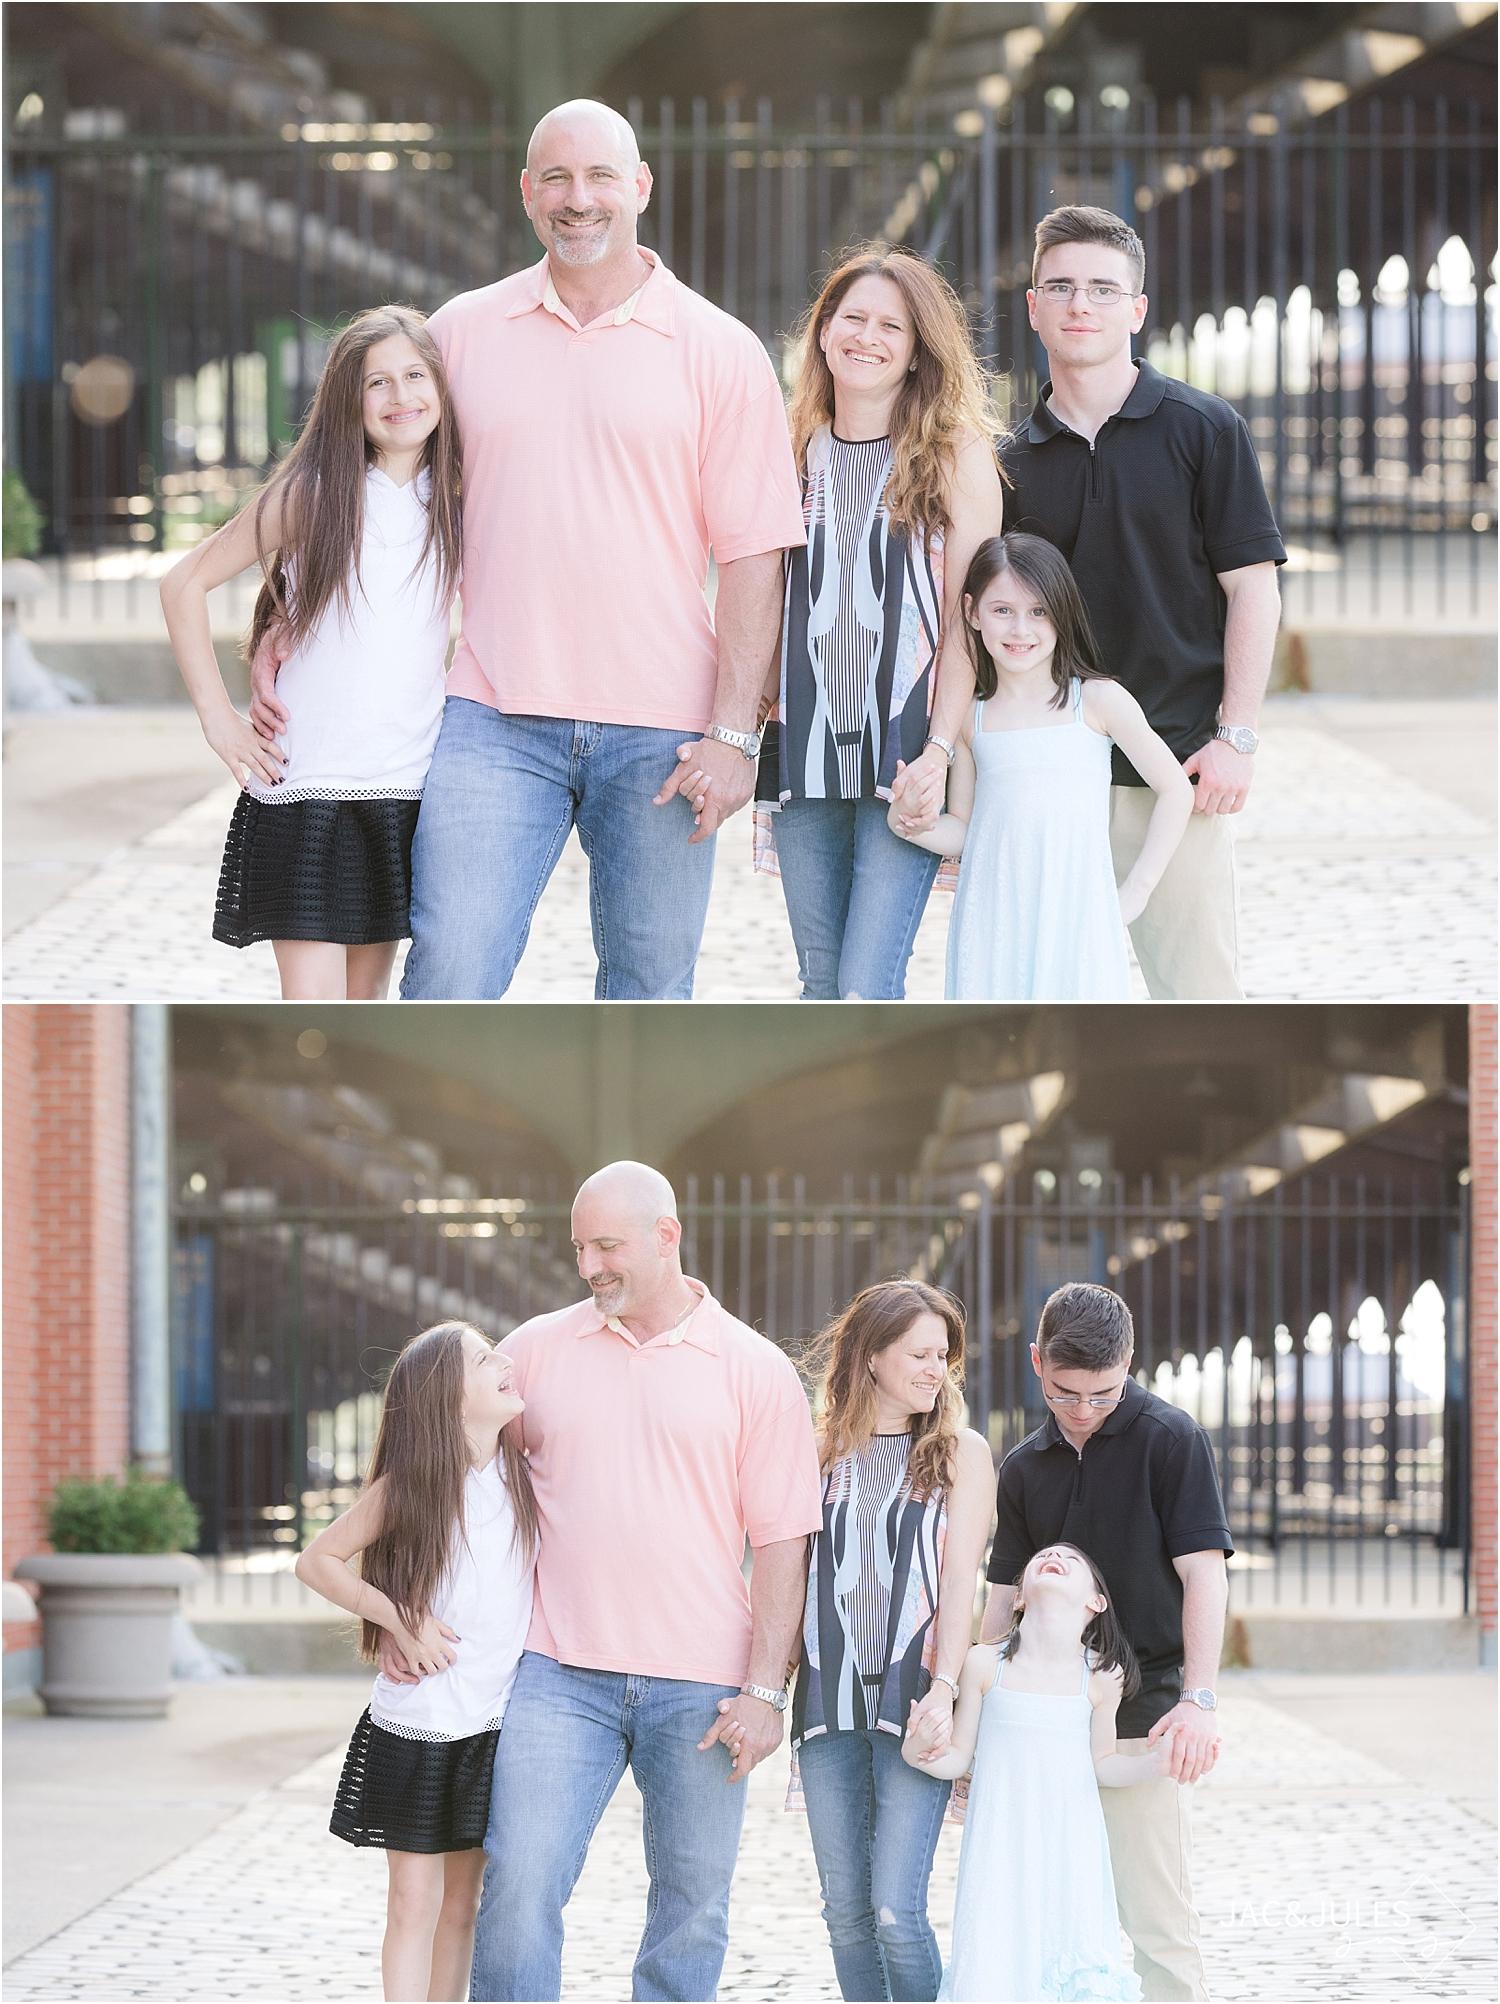 fun family photos at liberty state park nj